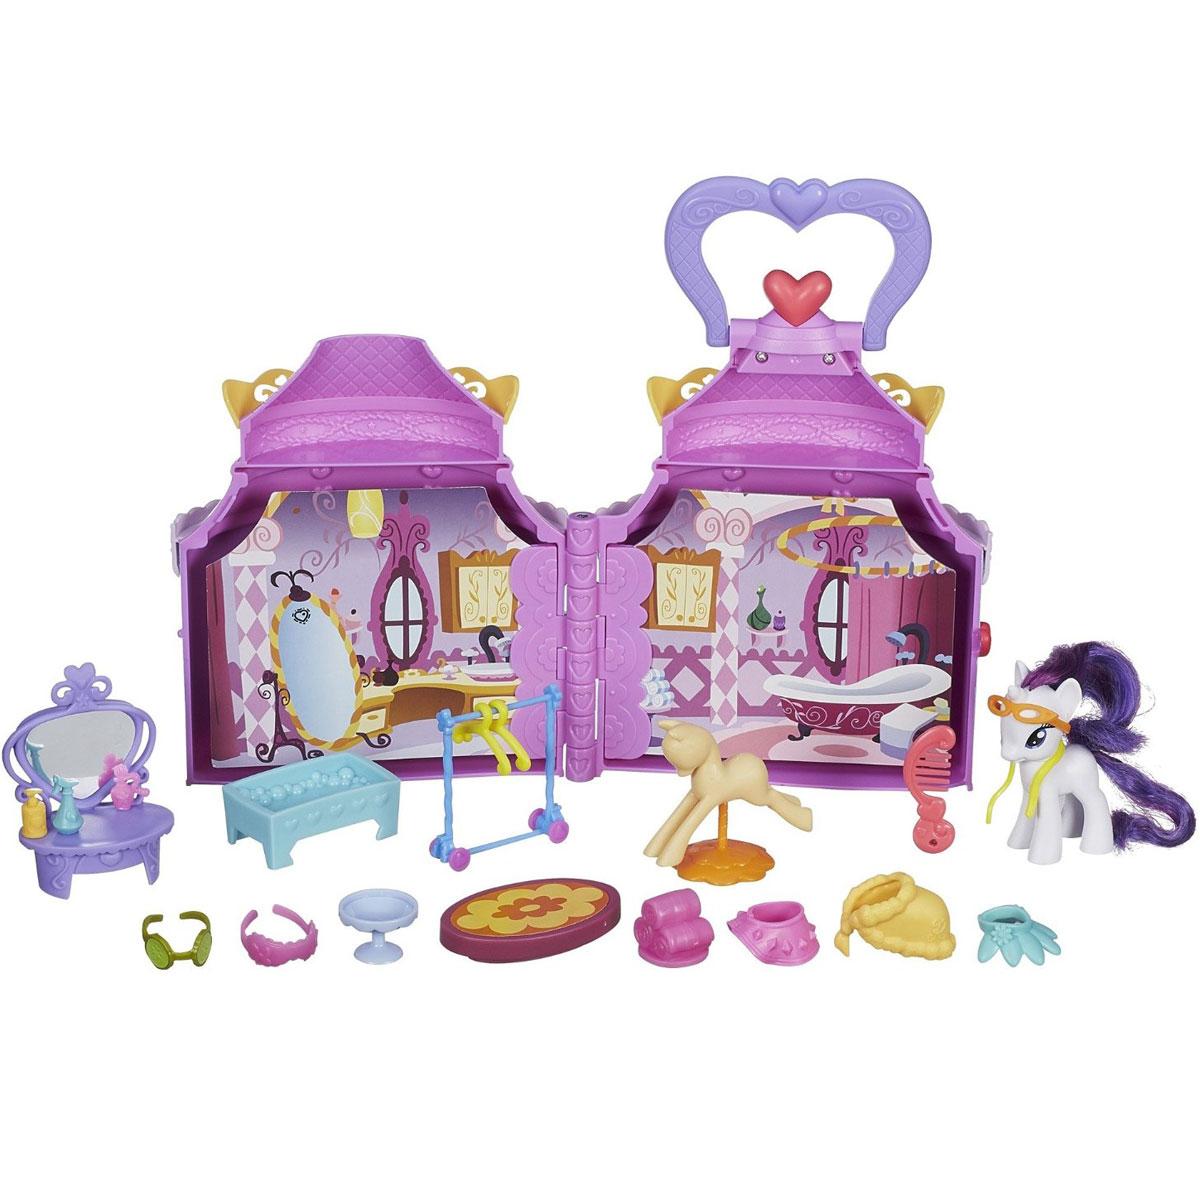 My Little Pony Игровой набор Бутик Рарити mlp бутик рарити в кантерлоте